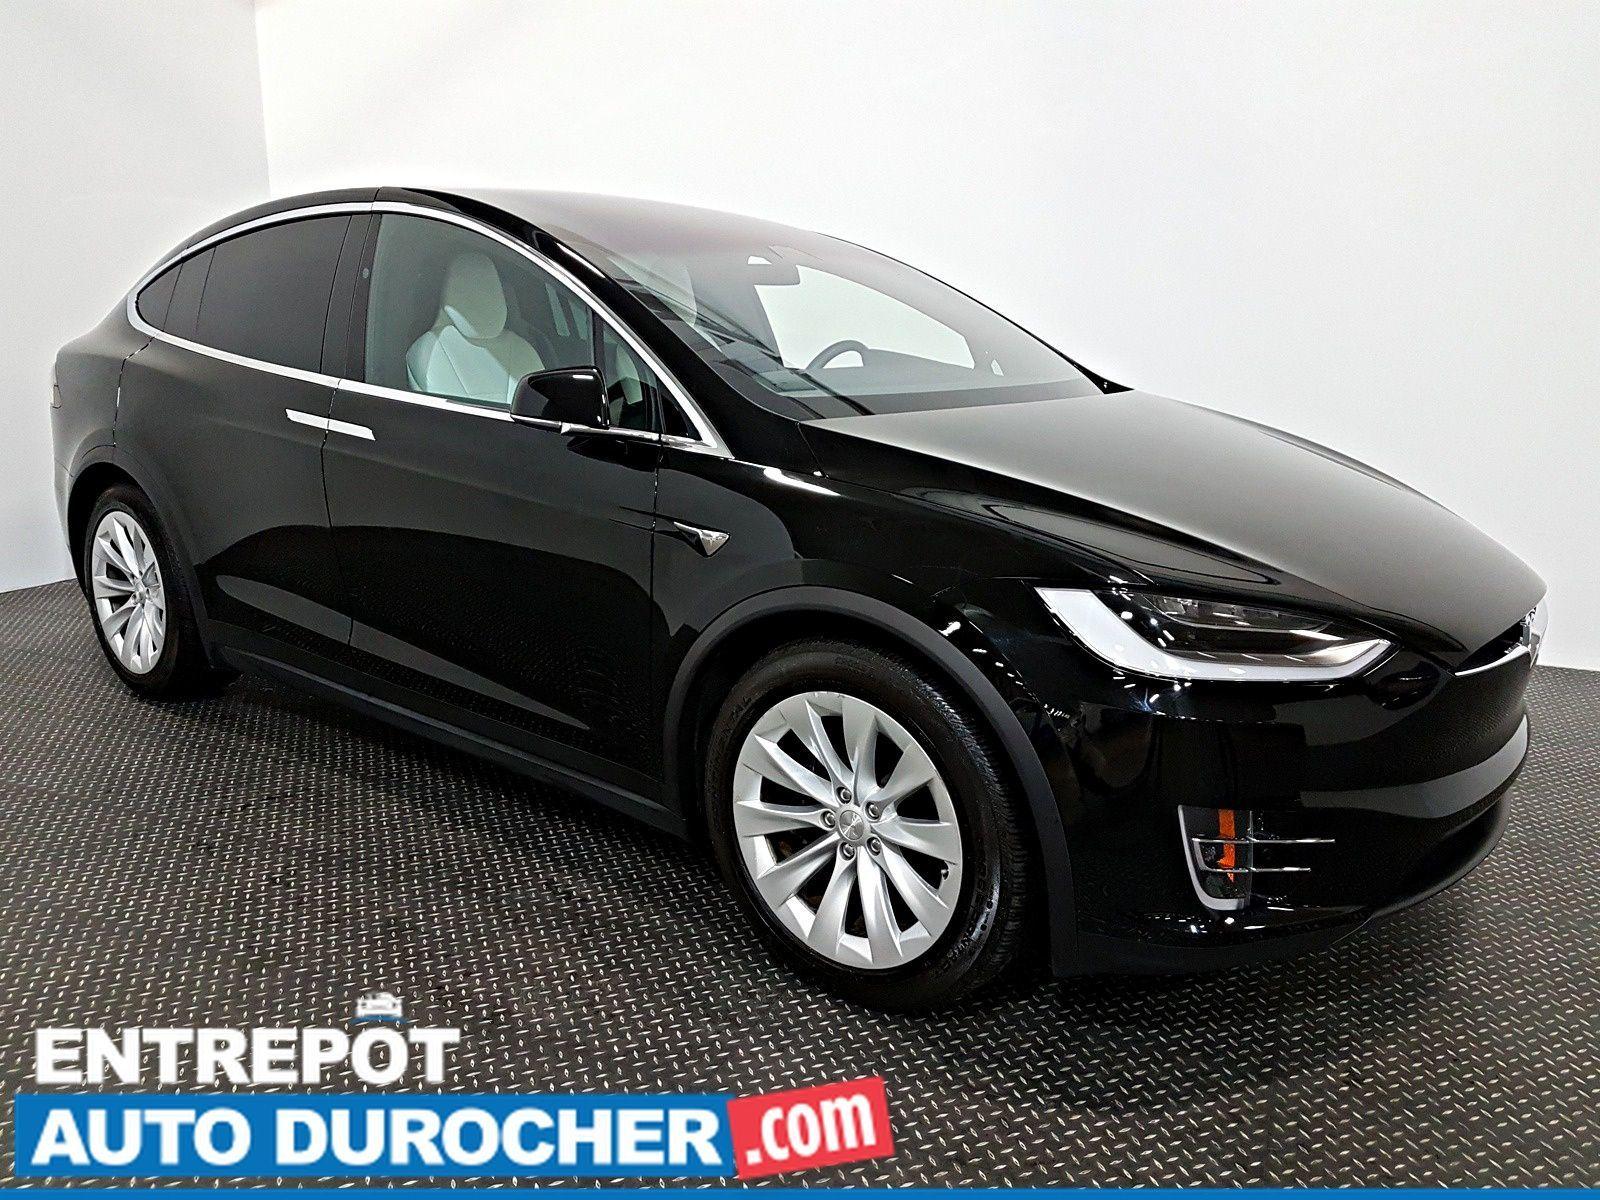 2017 Tesla Model X 90D AWD NAVIGATION  Automatique- A/C - Cuir- Caméra de Recul - Sièges Chauffants - 6 Passagers